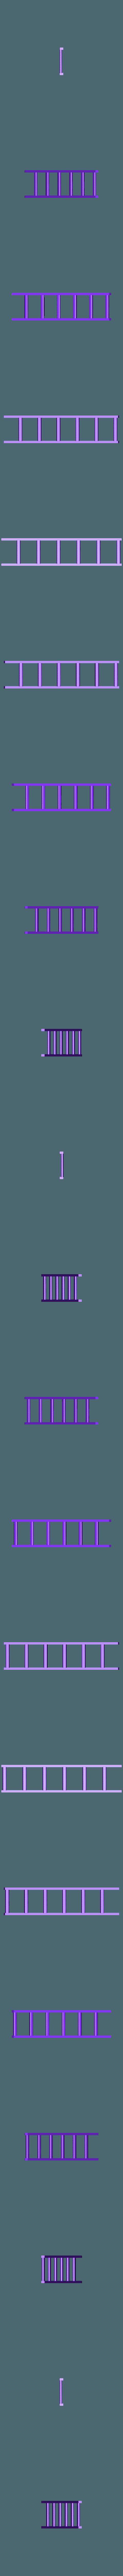 LPT3K_ladder.stl Télécharger fichier STL gratuit Échelle Peg Toy 3000: Codename Overkill • Modèle imprimable en 3D, ecoiras